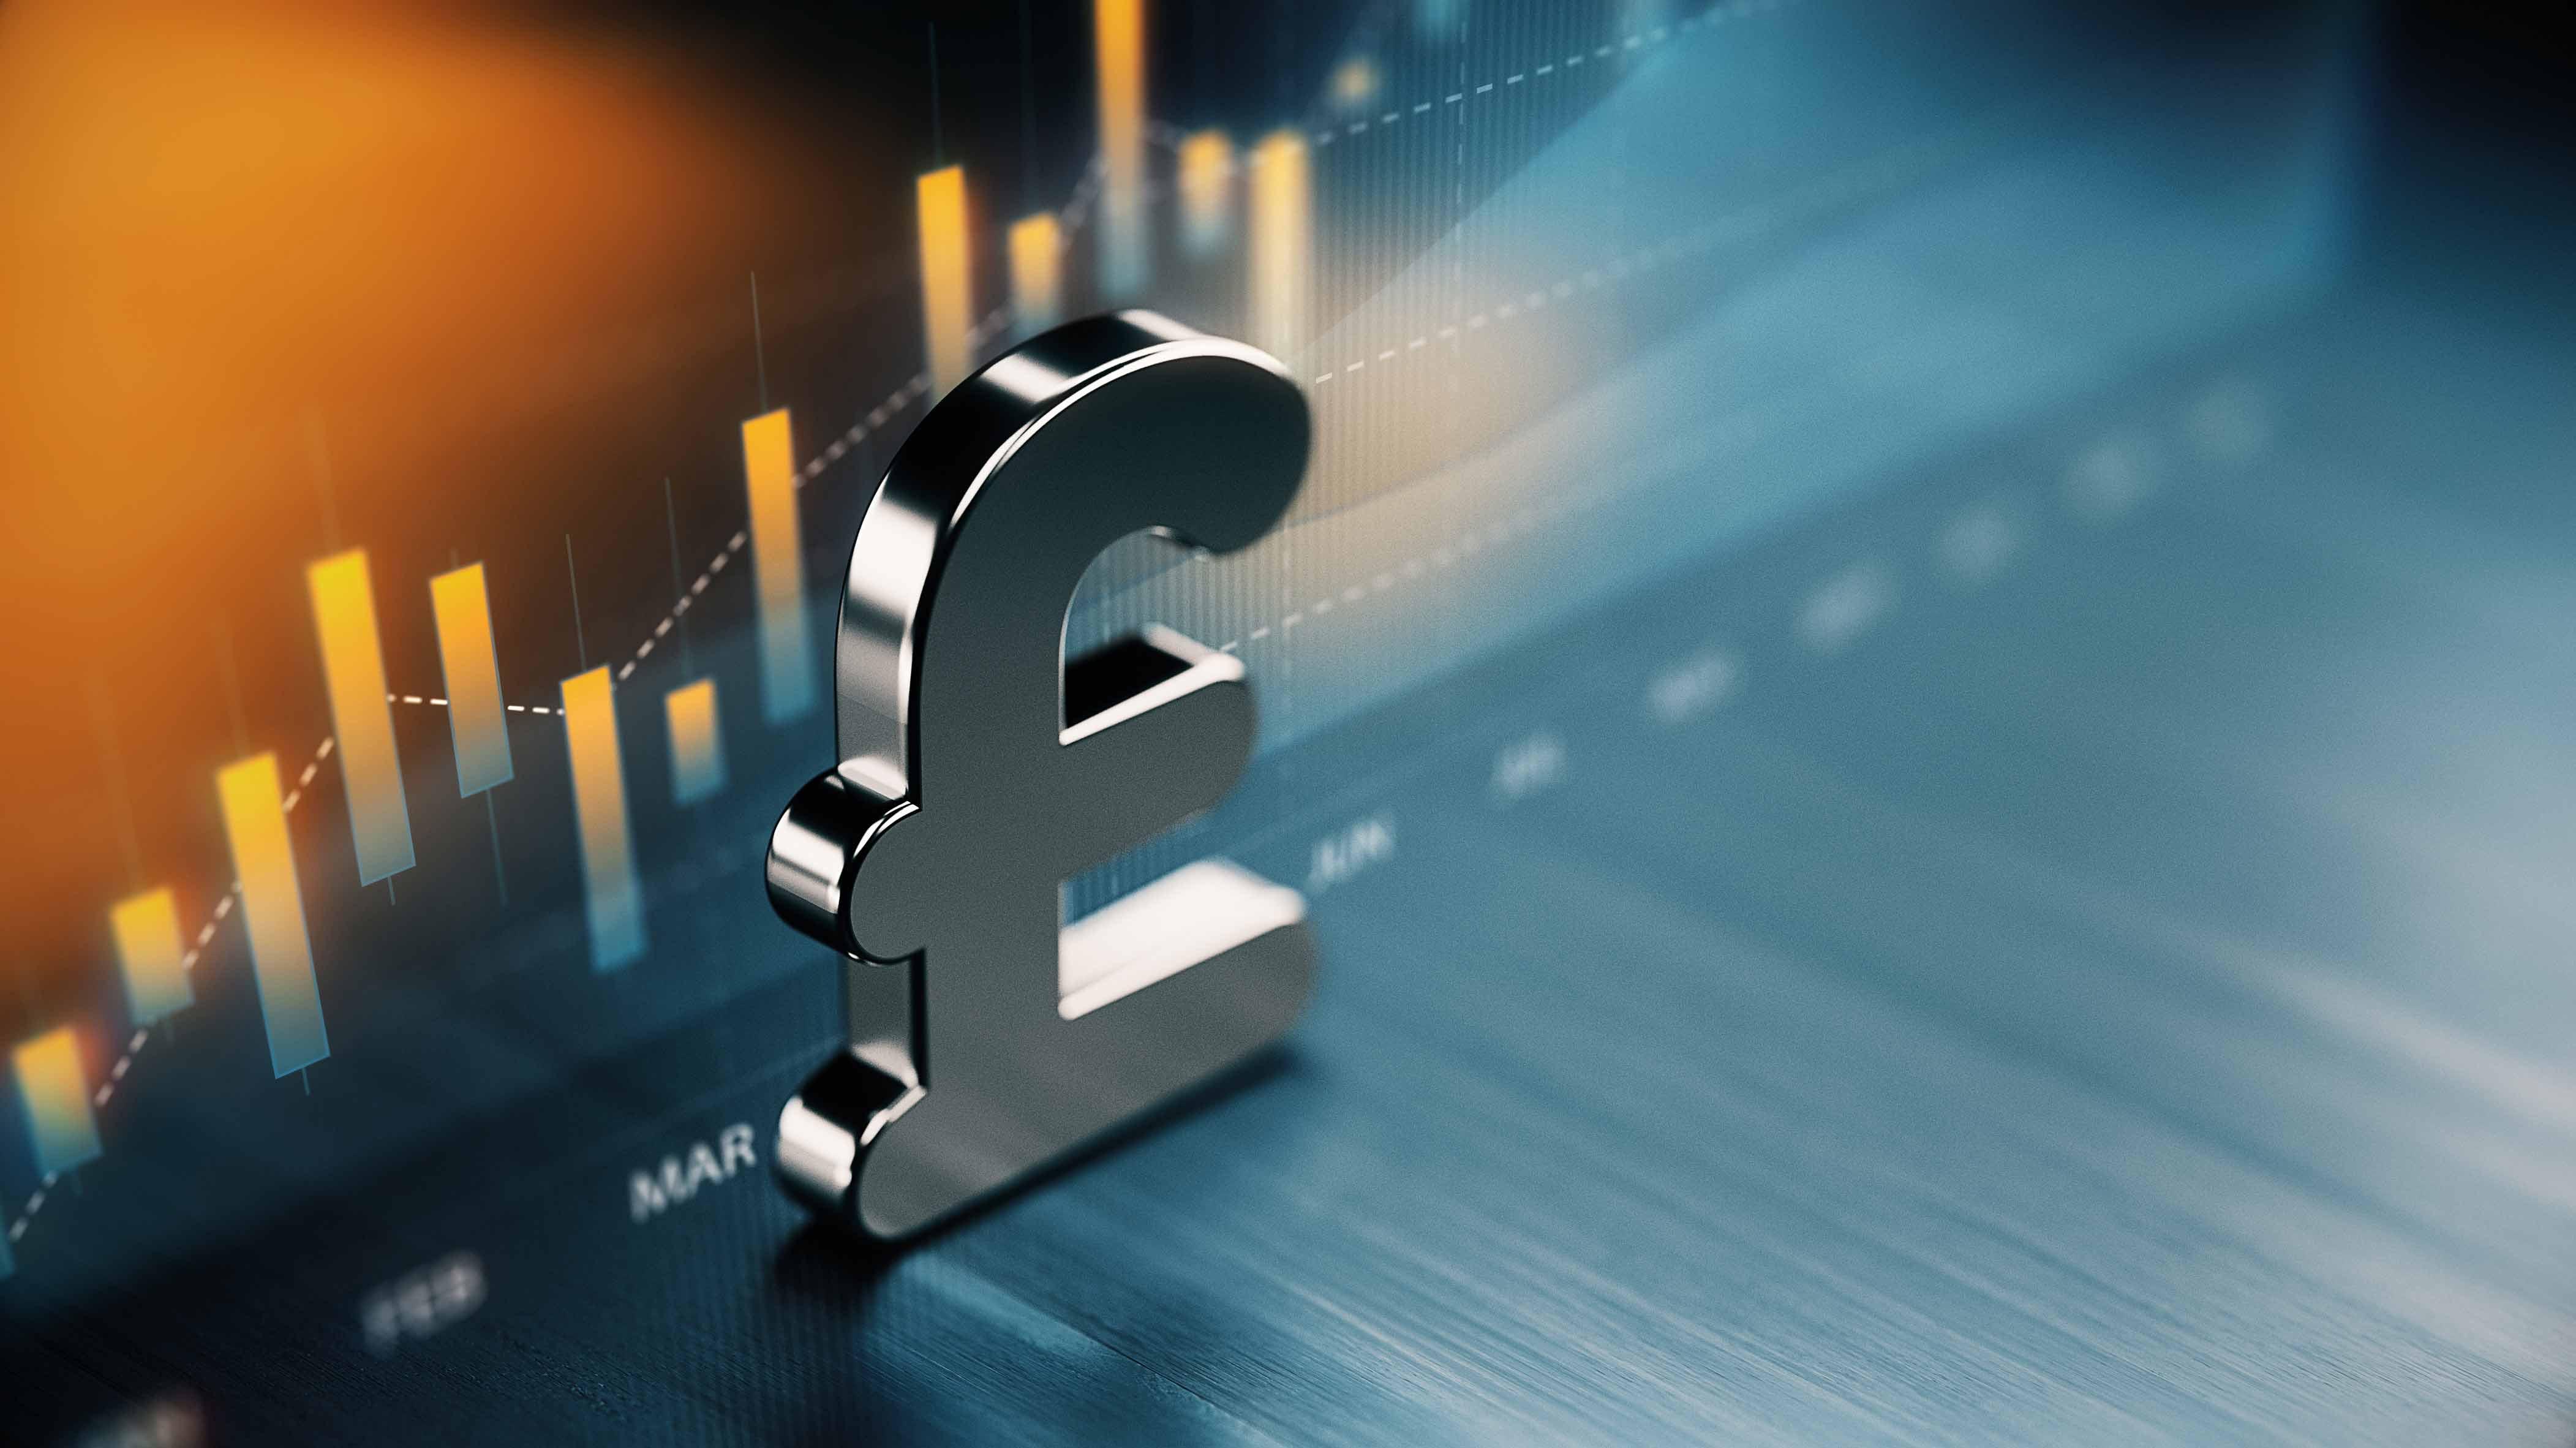 La libra esterlina se depreciará frente al dólar hacia fin de año